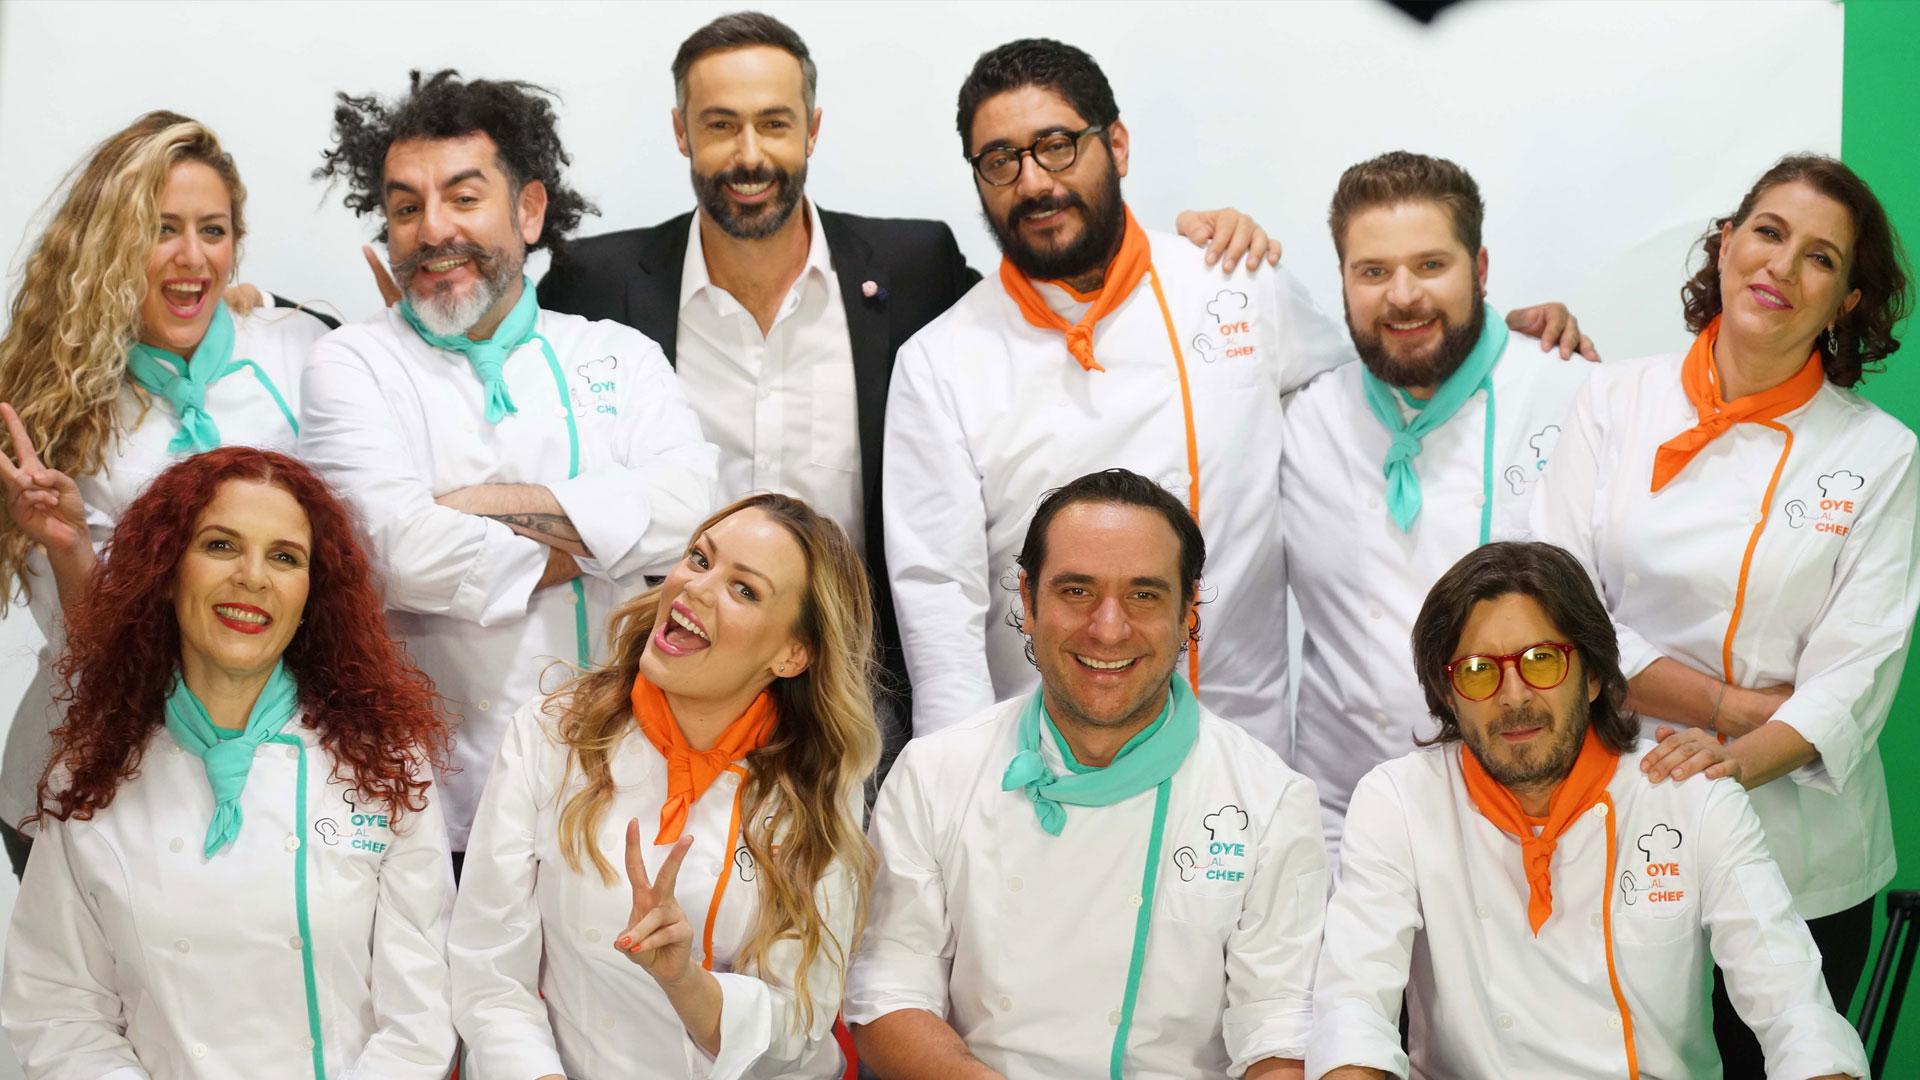 Oye al Chef, un show de cocina muy divertido